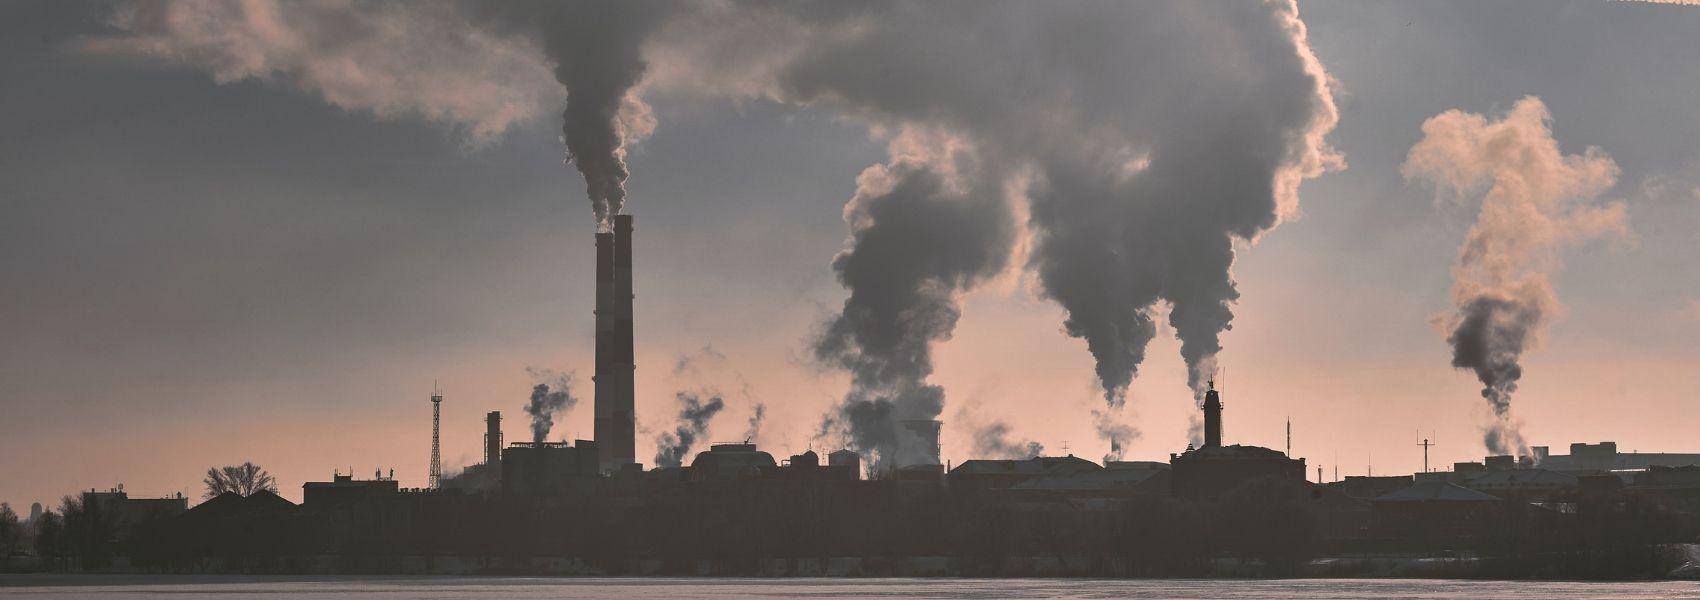 Melhorar a qualidade do ar reduz o risco de demência, sugerem estudos